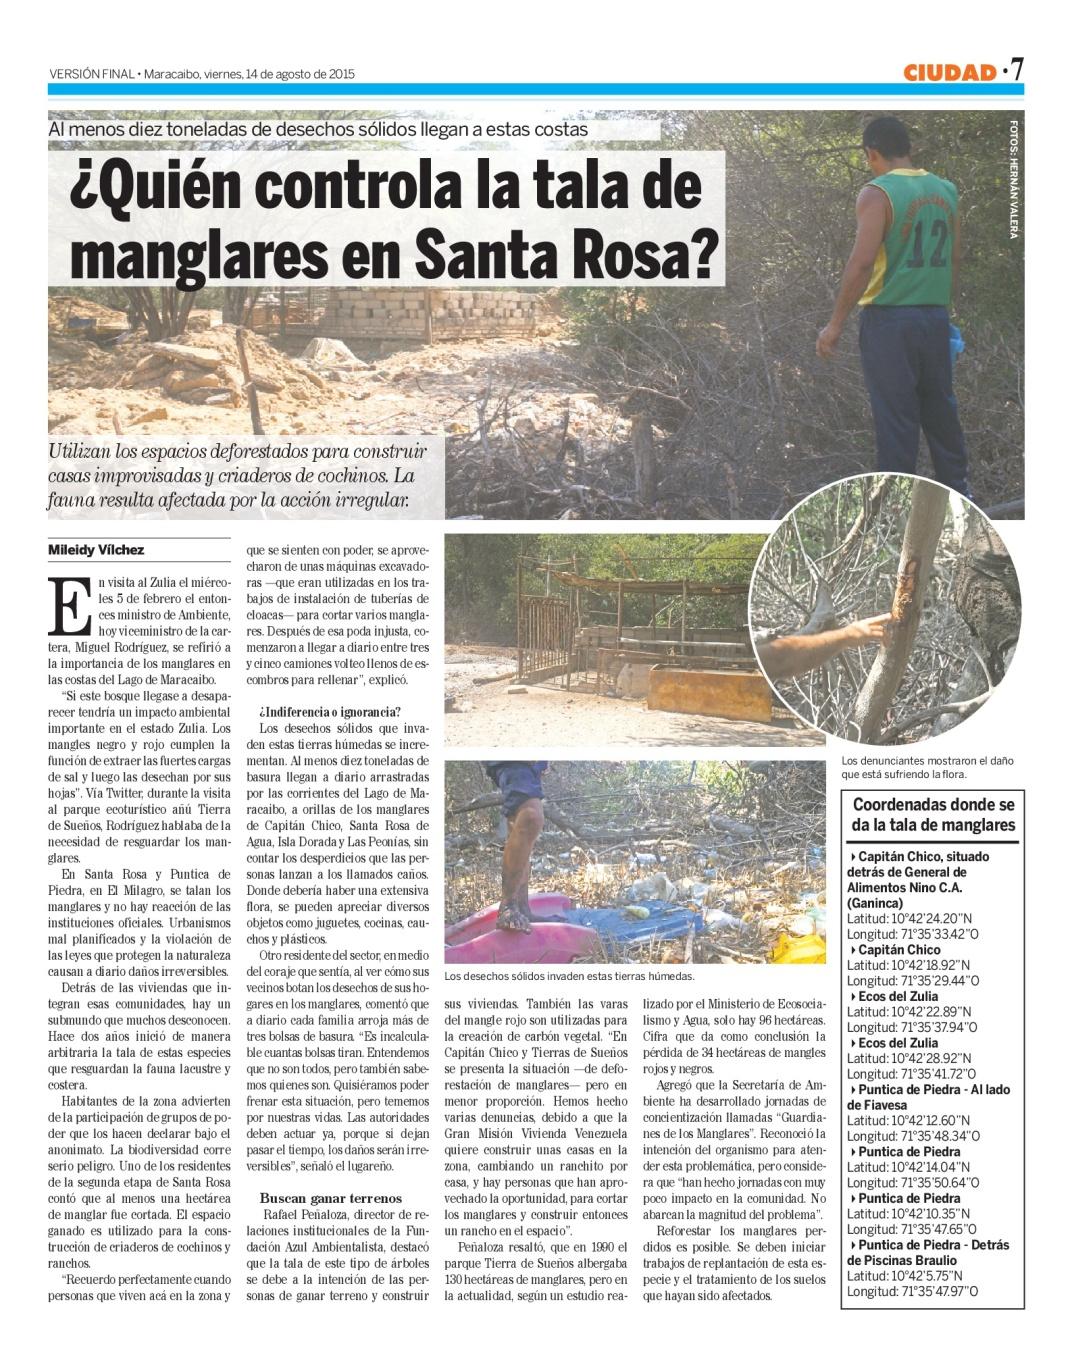 Azul-Ambientalistas-Version-Final-Quien-controla-la-tala-de-manglares-en-Santa-Rosa